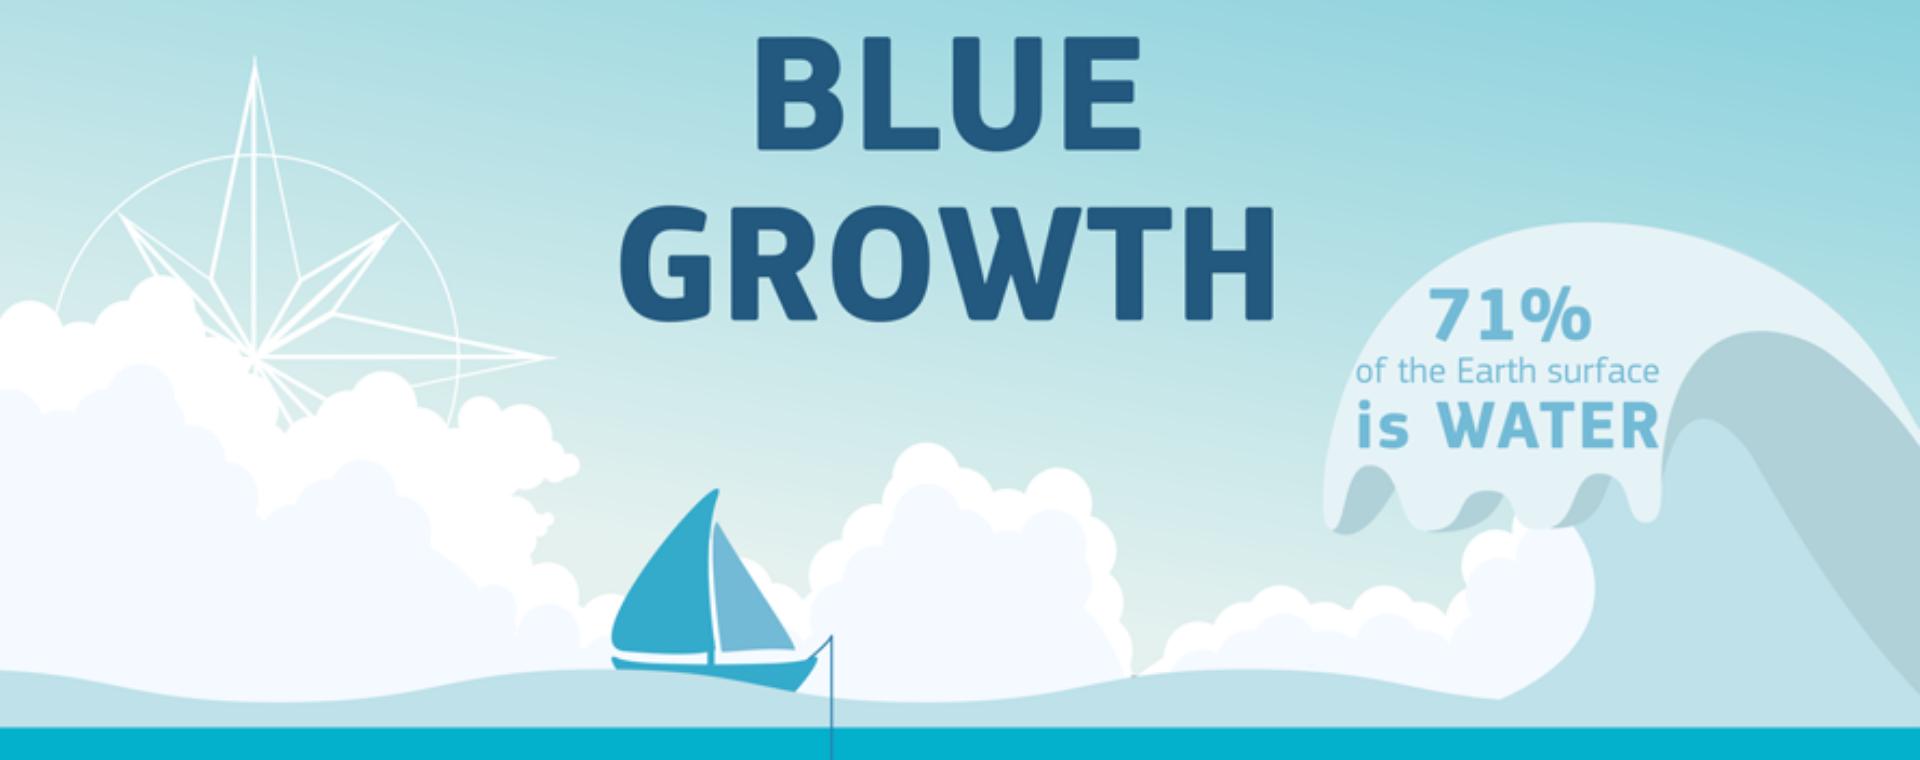 Blue Growth e mobilità marittima sostenibile: opportunità di innovazione, crescita e sviluppo per le imprese